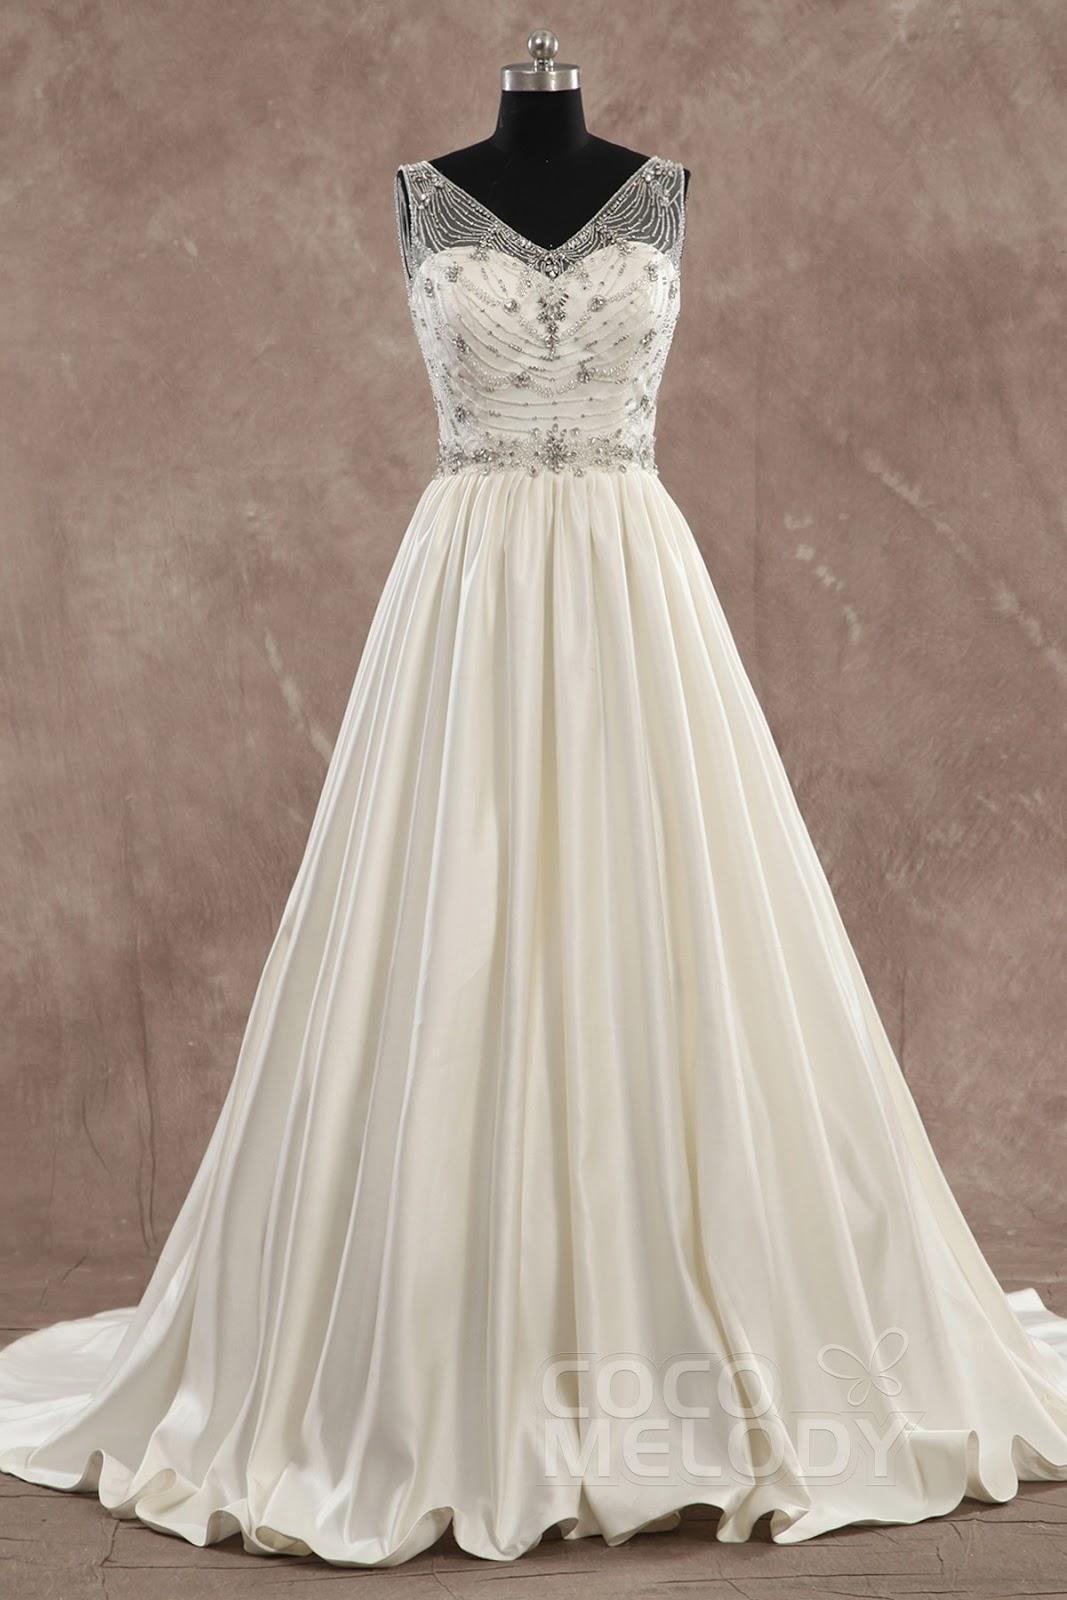 little girls flower girl dresses: Mermaid wedding dress can be ...